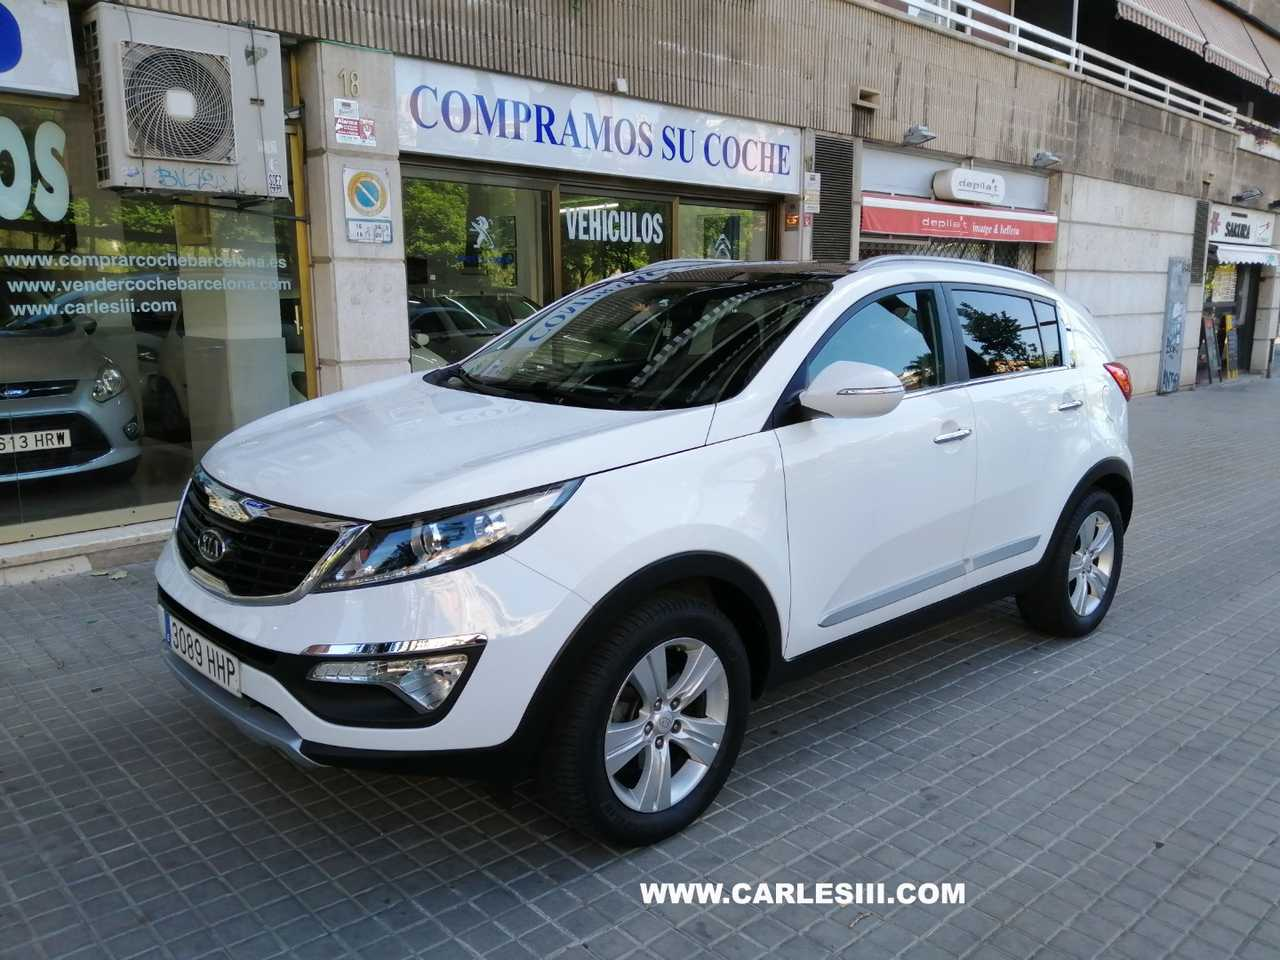 Kia Sportage Gasolina en Barcelona